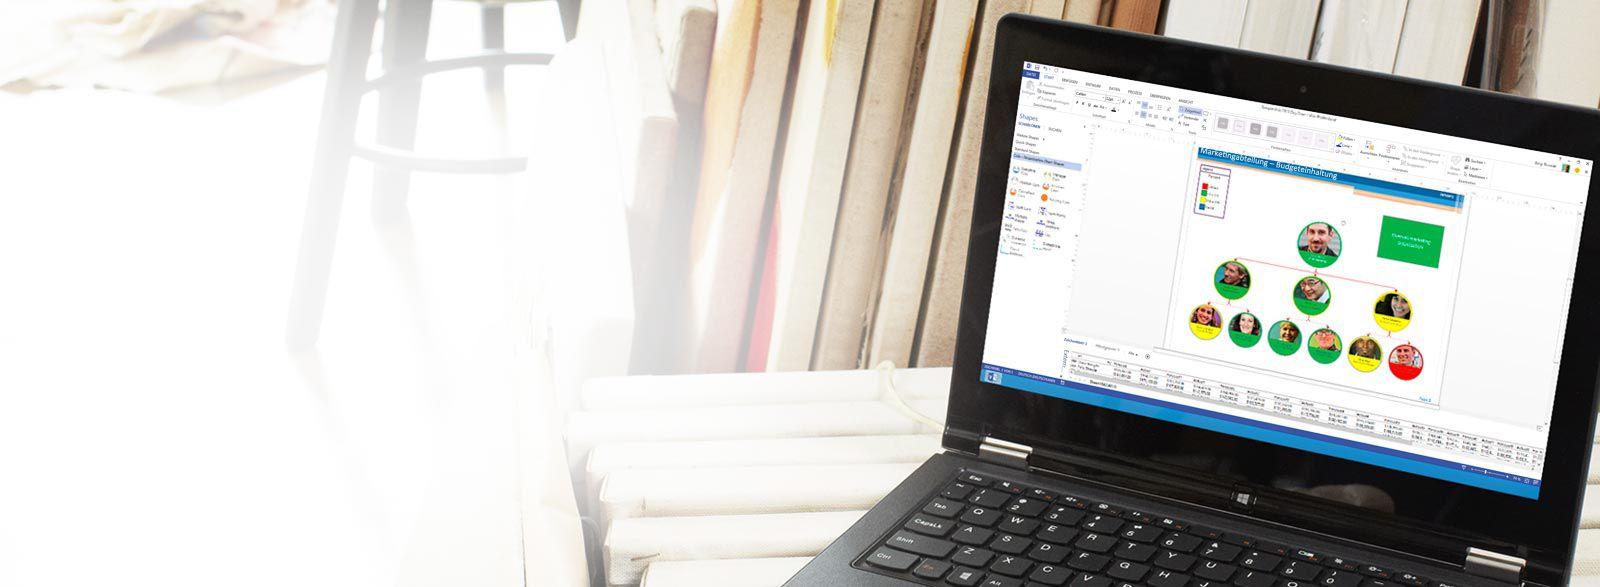 Ein Laptop mit Visio Pro für Office 365 in Aktion